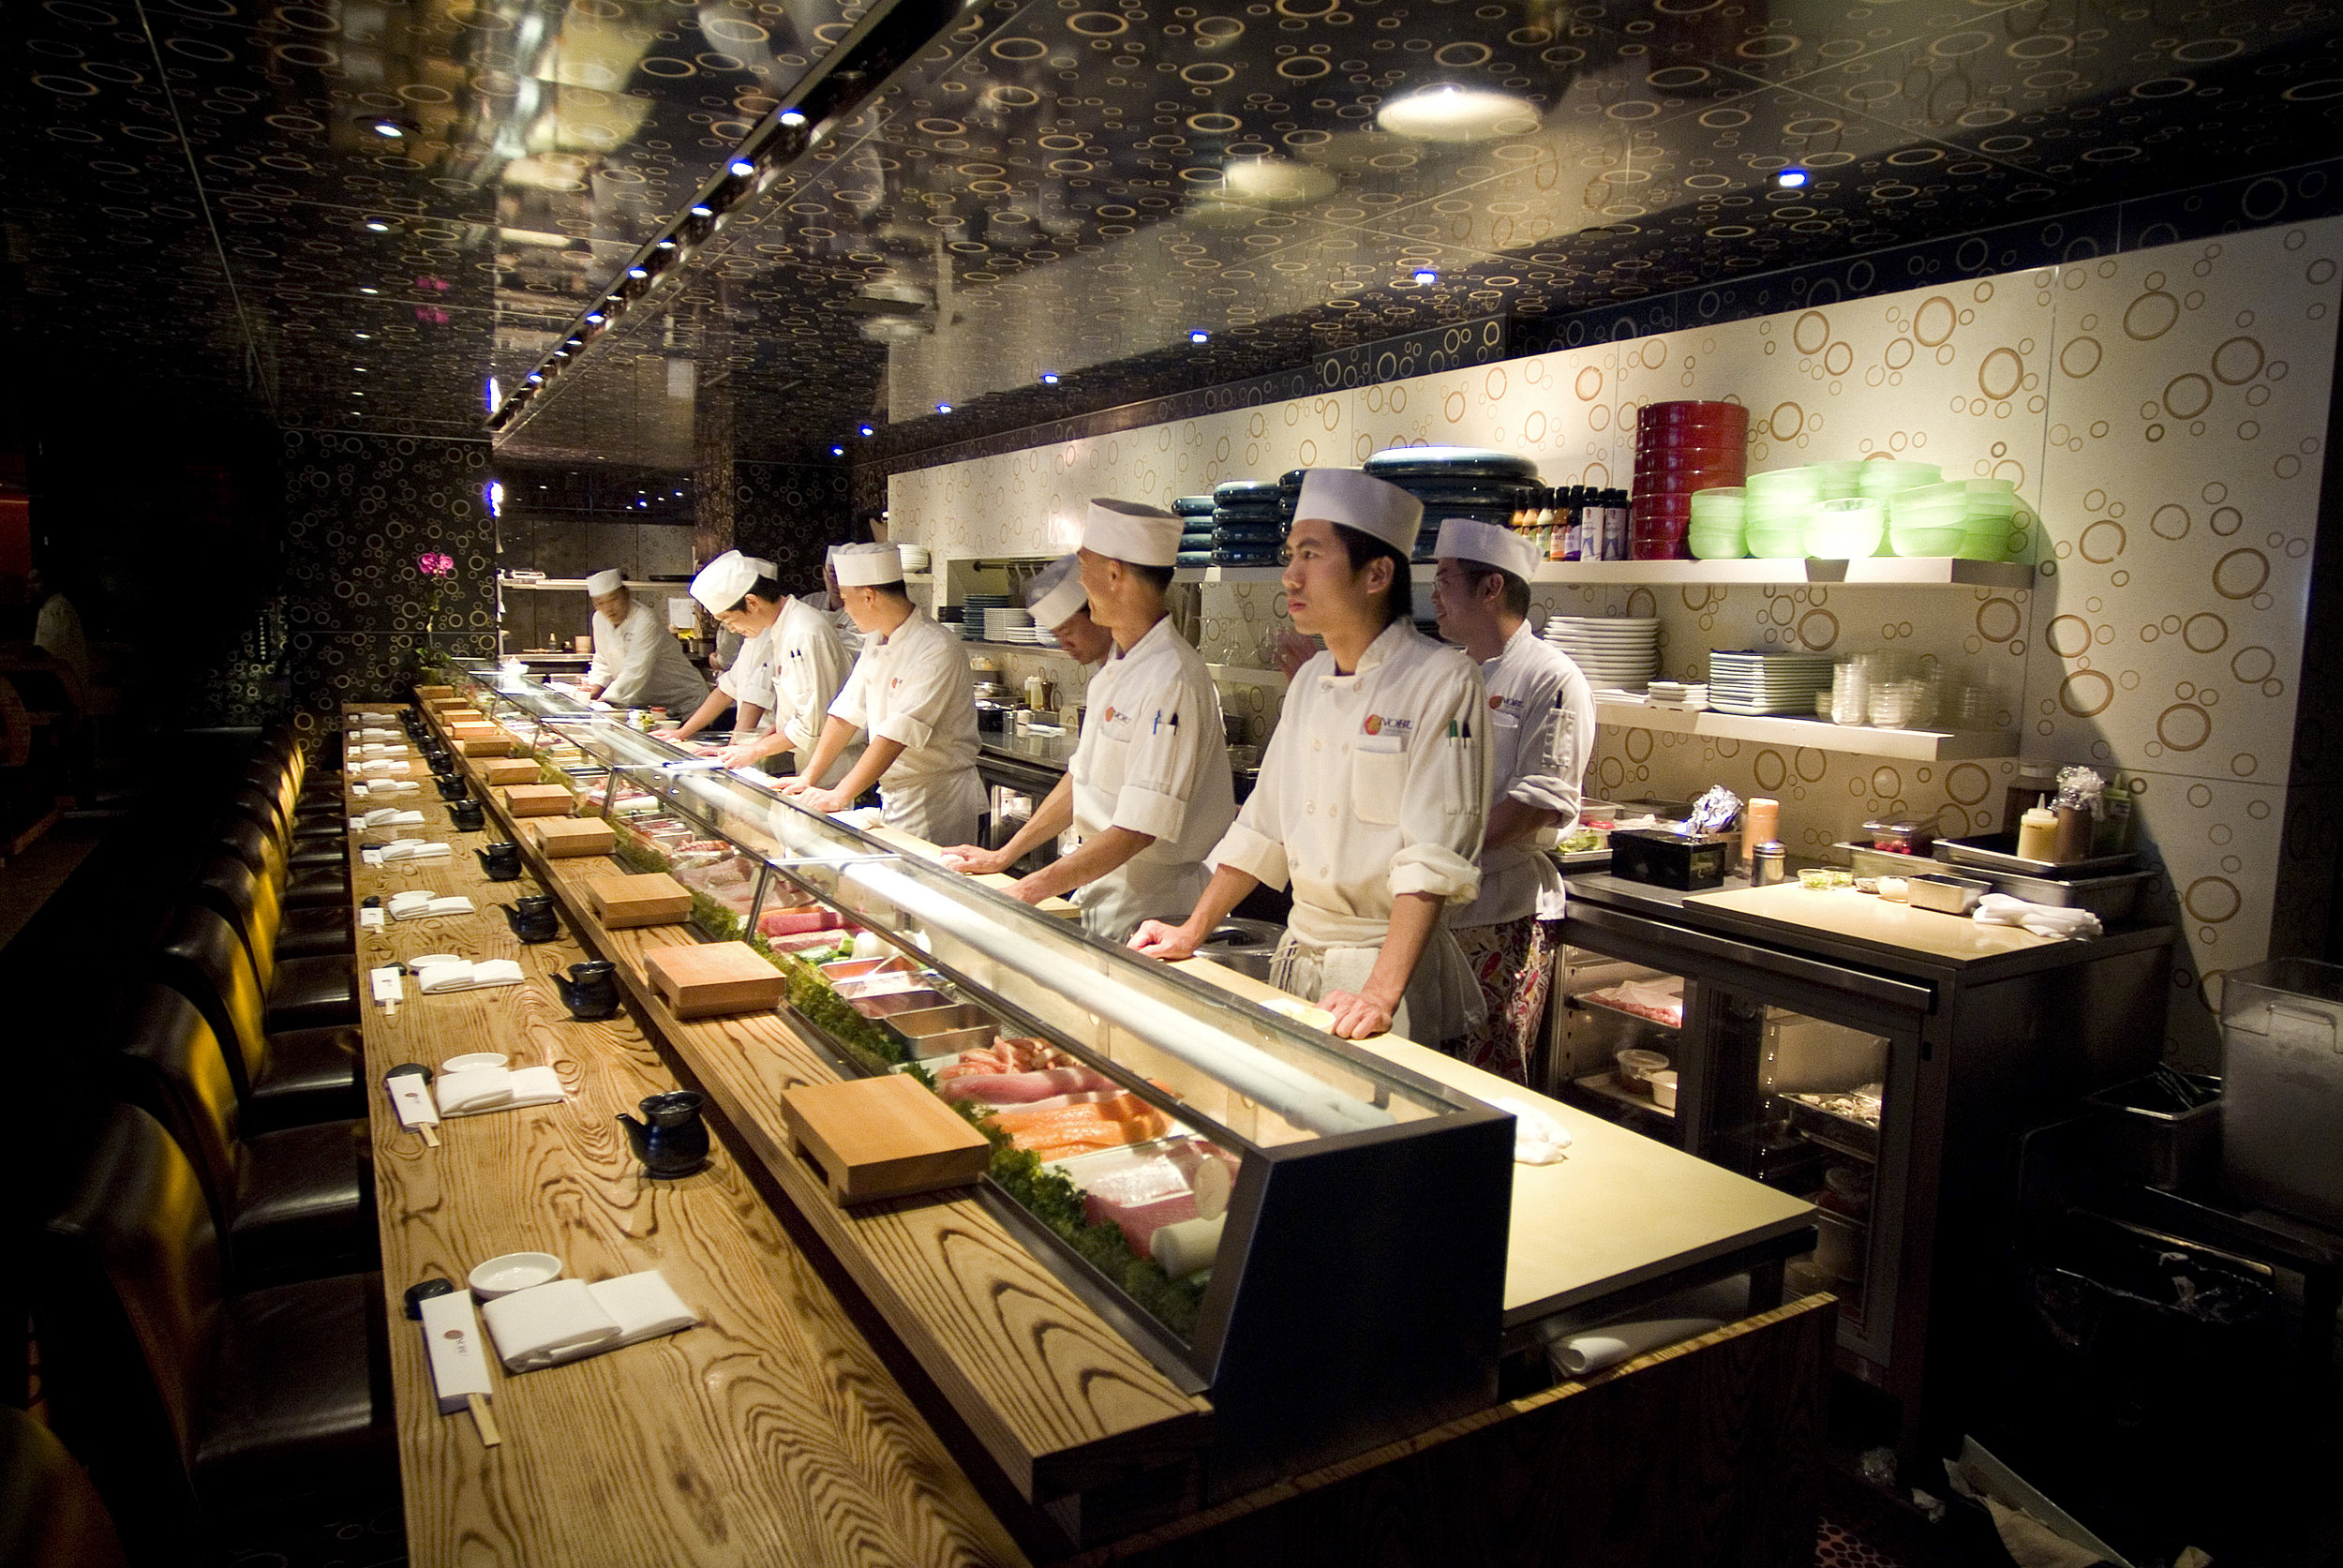 Nobu 57 in NYC for Chef Nobu Matsuhisa